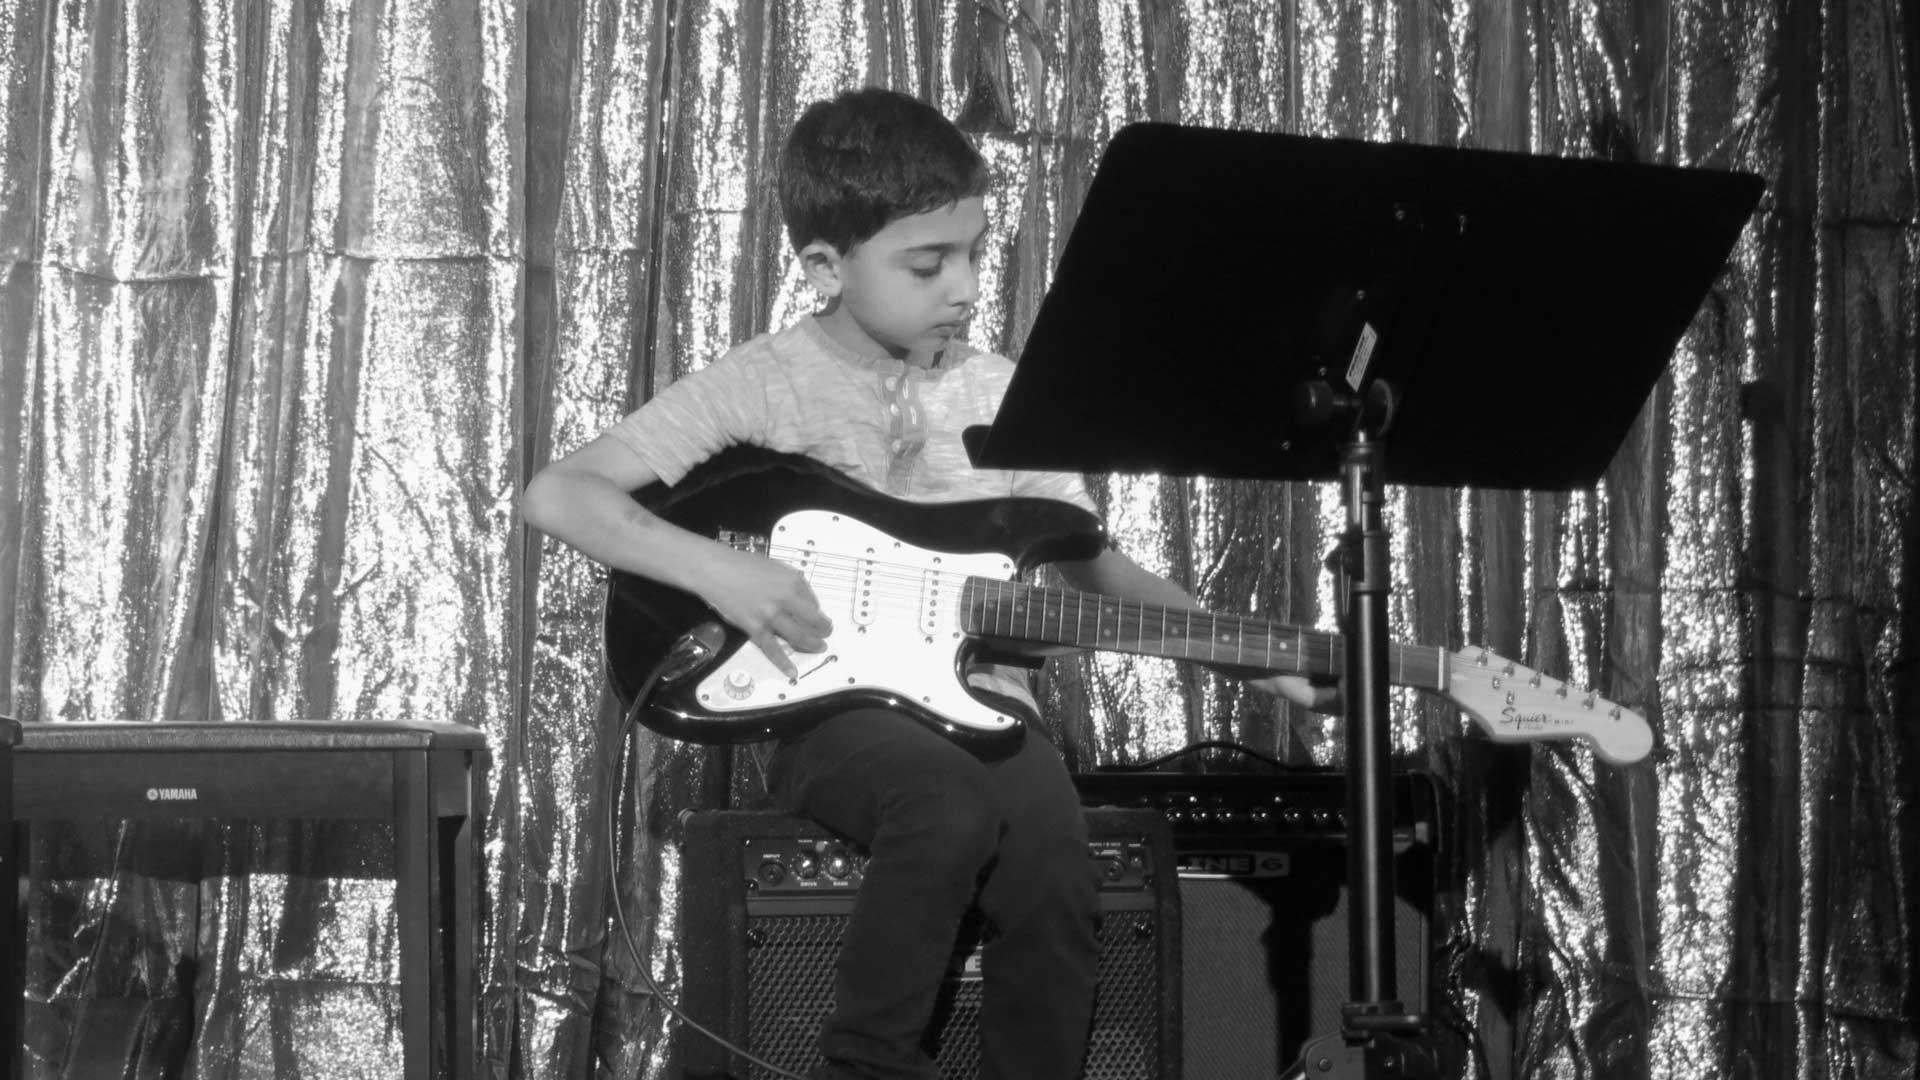 guitarbanner